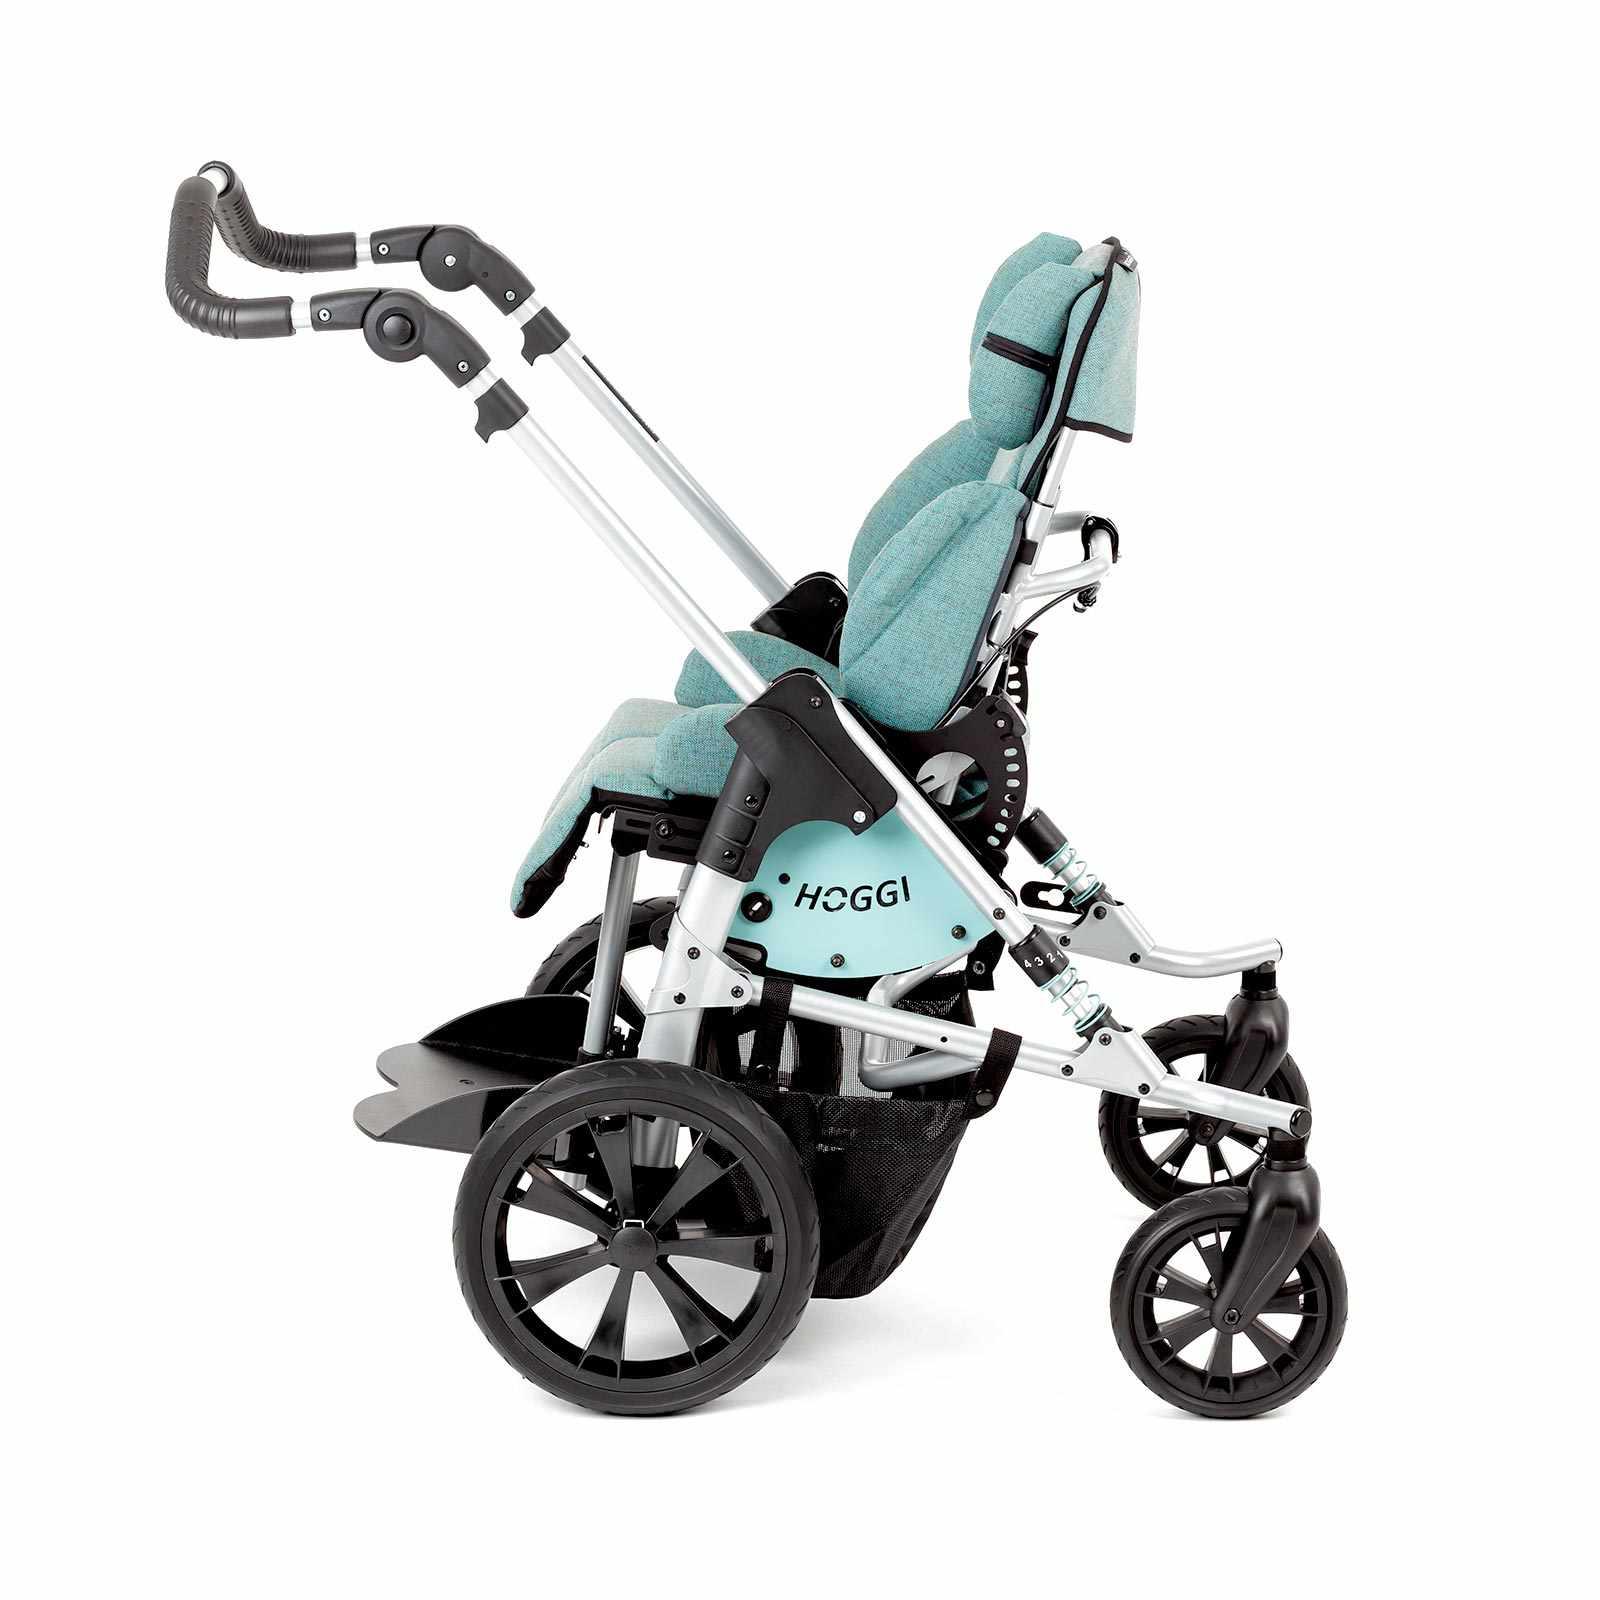 Hoggi Bingo Evolution Stroller | Hoggi Strollers 3232-1000 - Medicaleshop